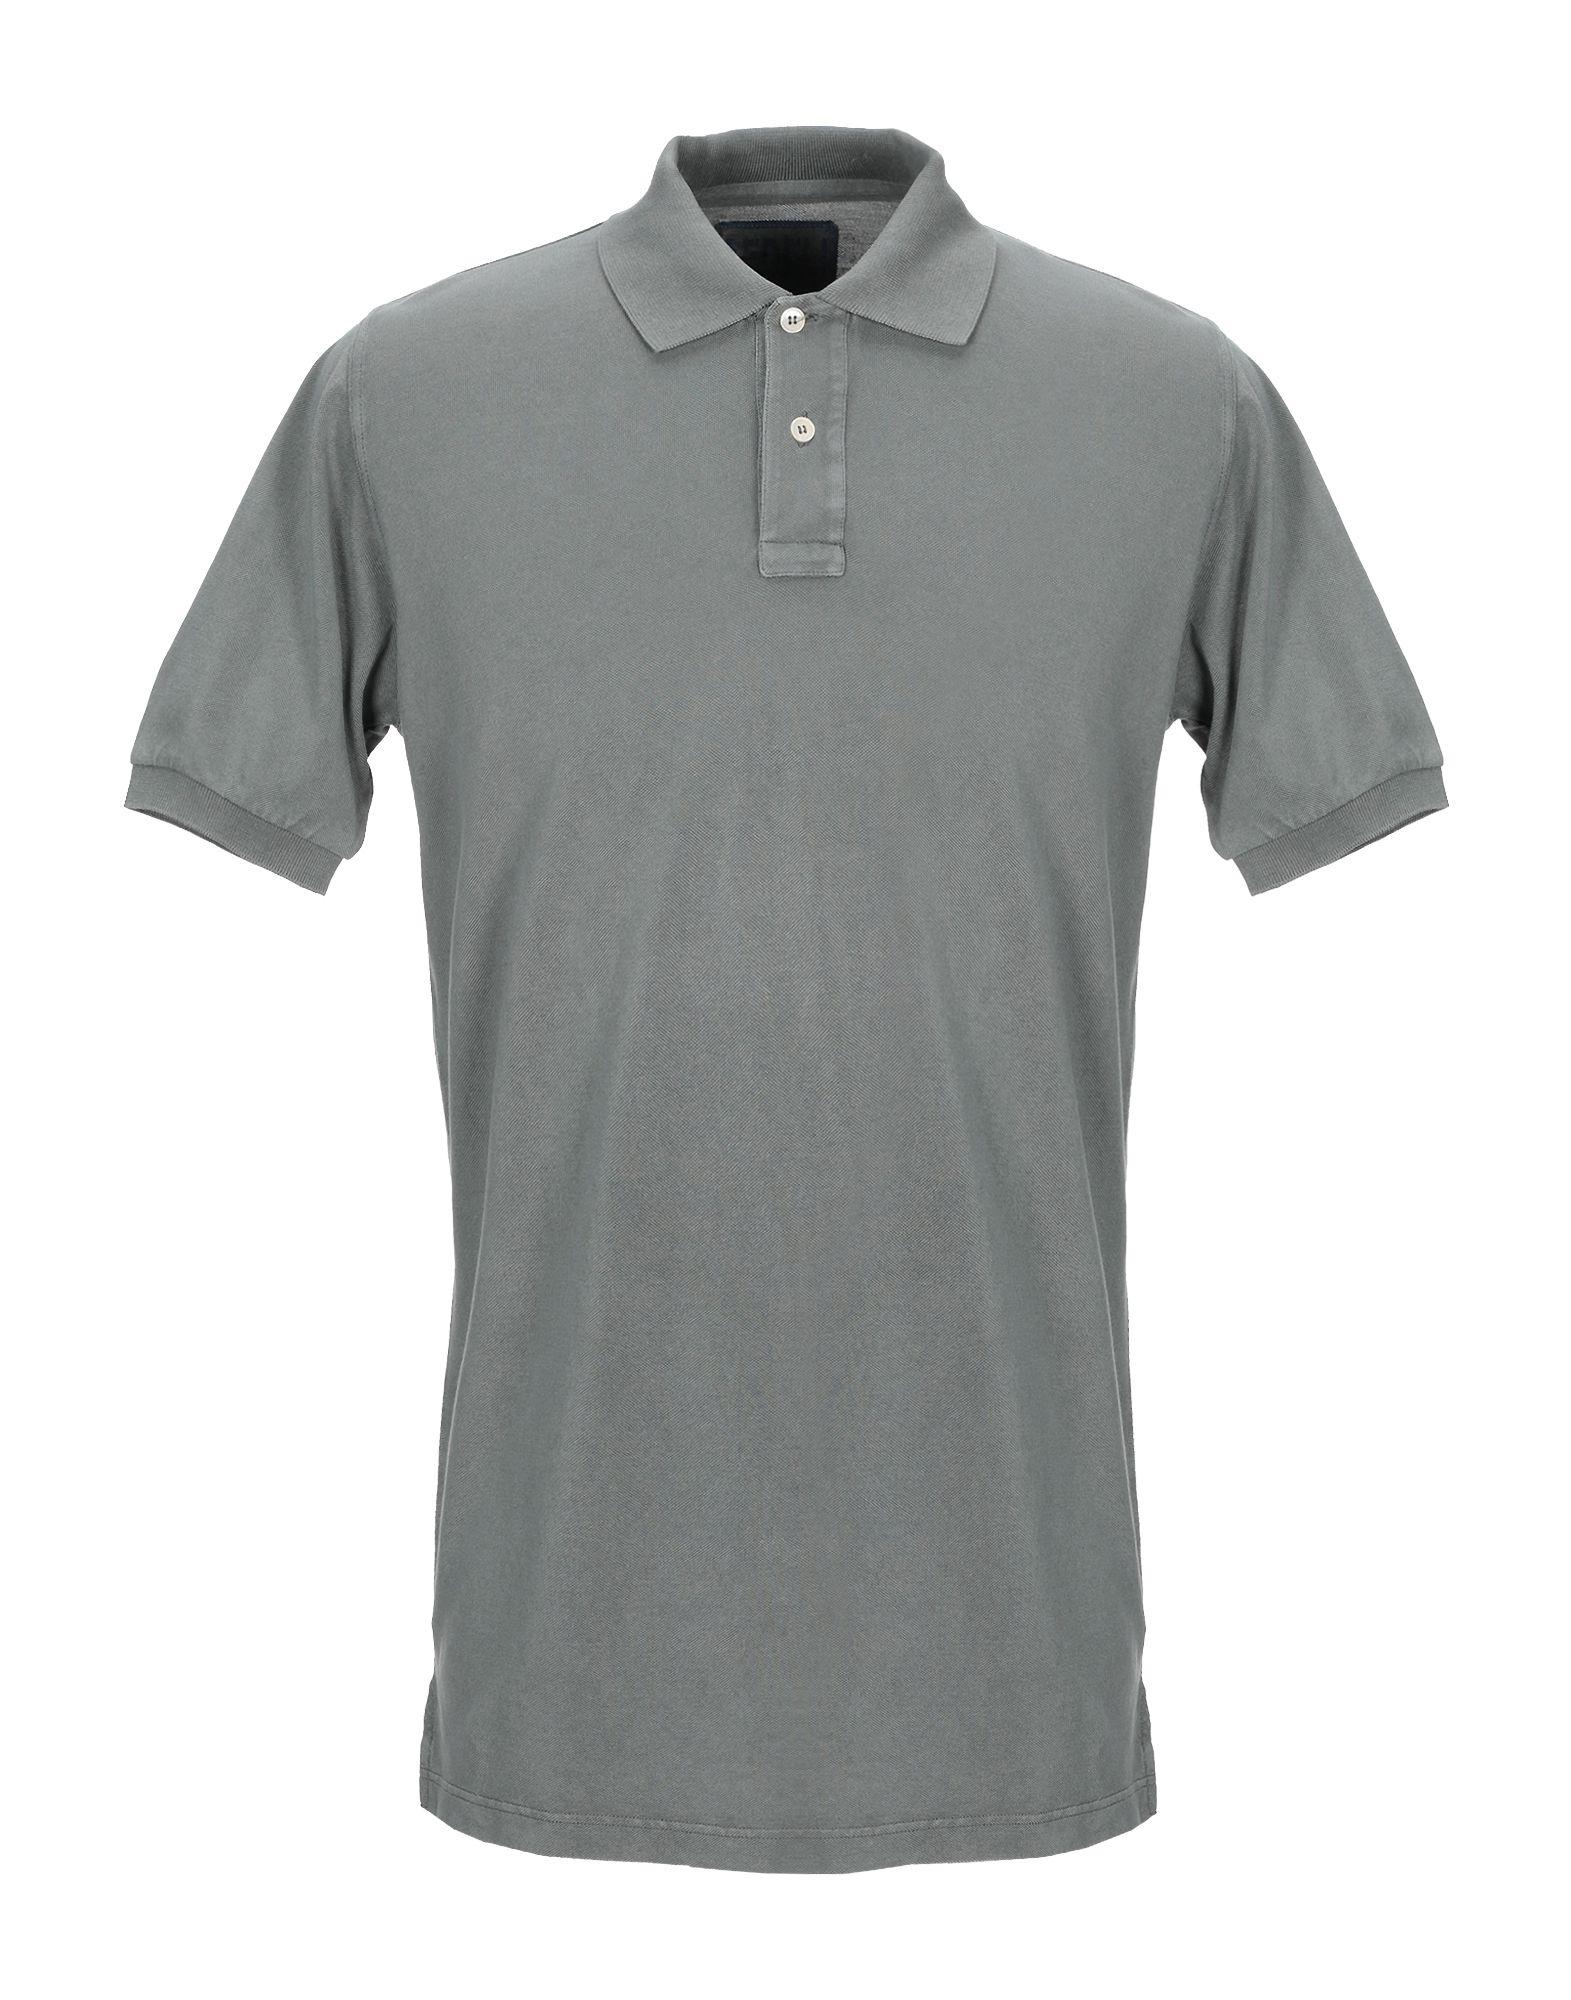 《期間限定セール中》FEDELI メンズ ポロシャツ ミリタリーグリーン 52 コットン 100%